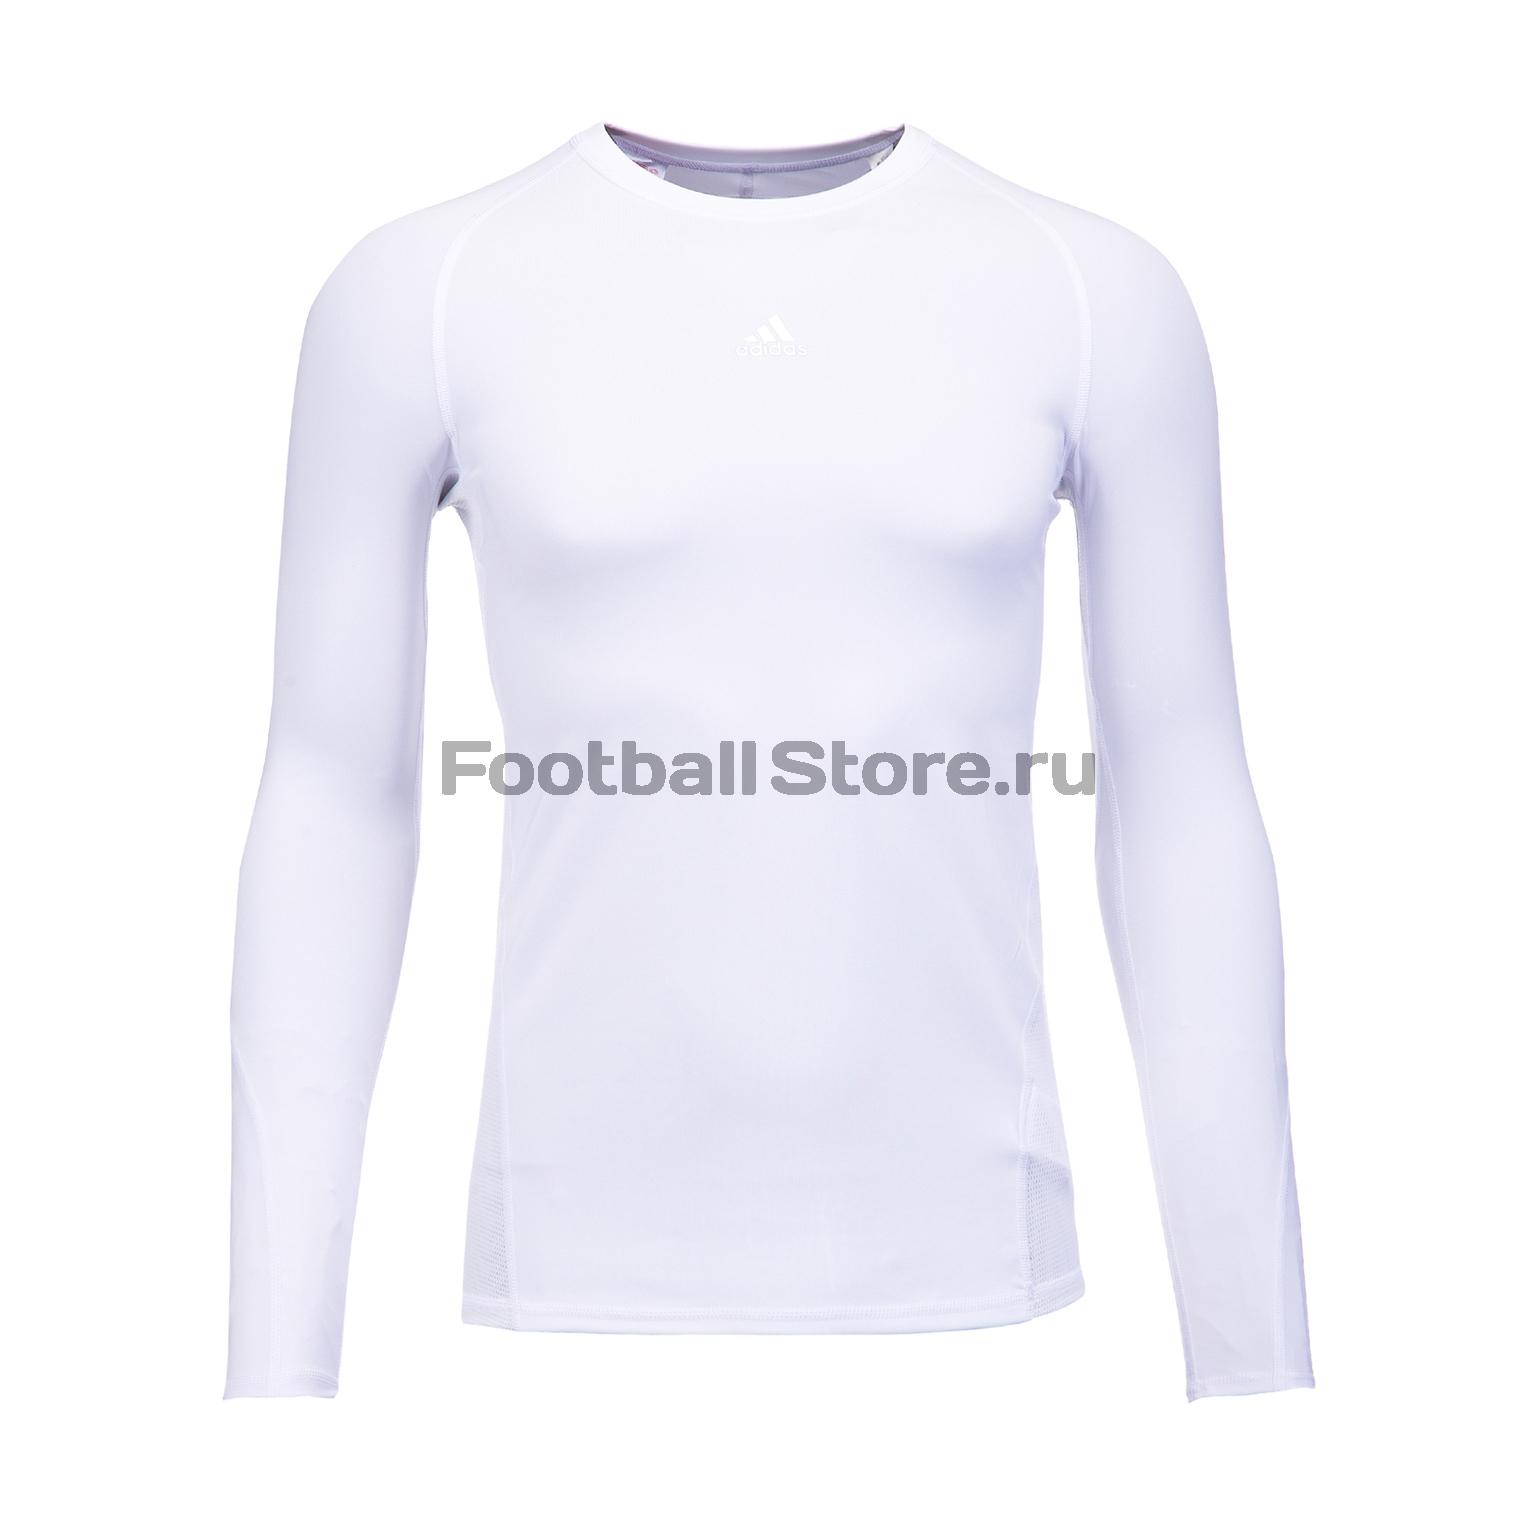 Белье футболка подростковая Adidas LS Tee CW7325 все цены